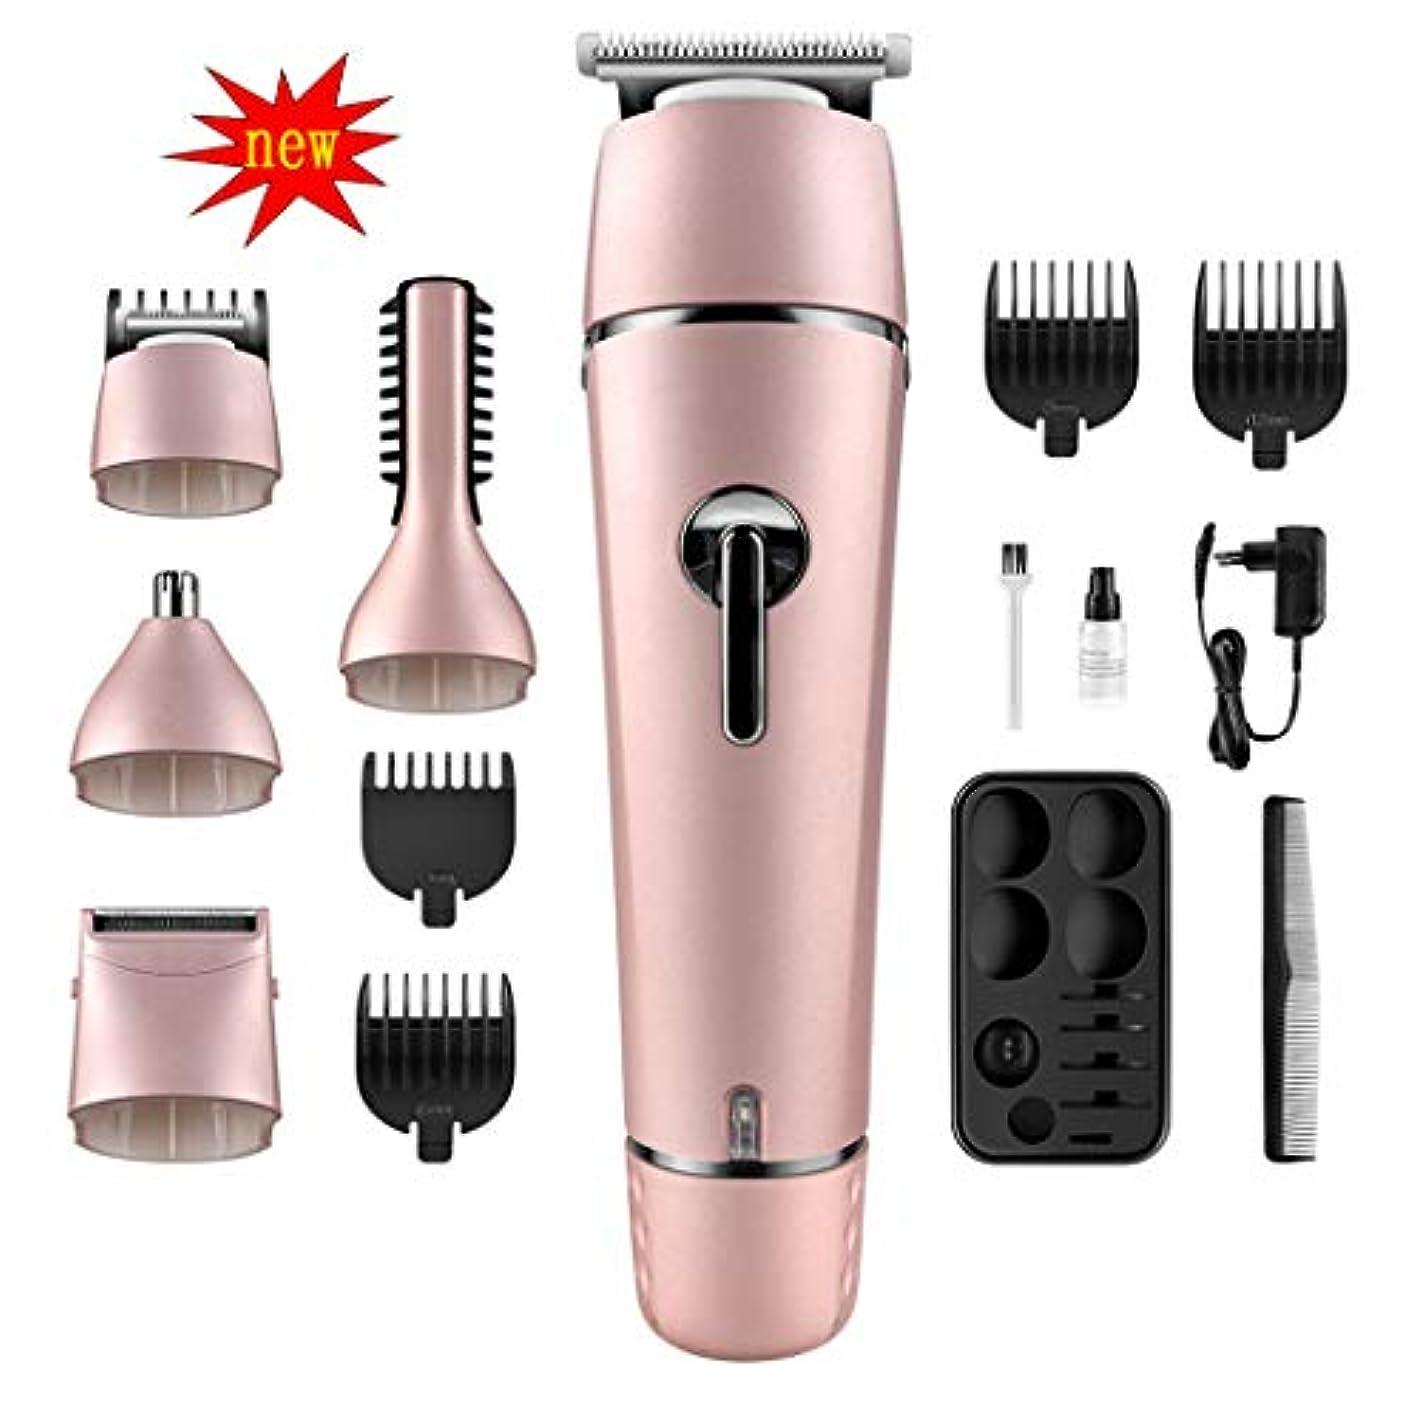 ツール好きであるライフルプロのバリカン、ヘアトリマー多機能電気5で1つの散髪家族セットトリマーと鼻毛-Pink